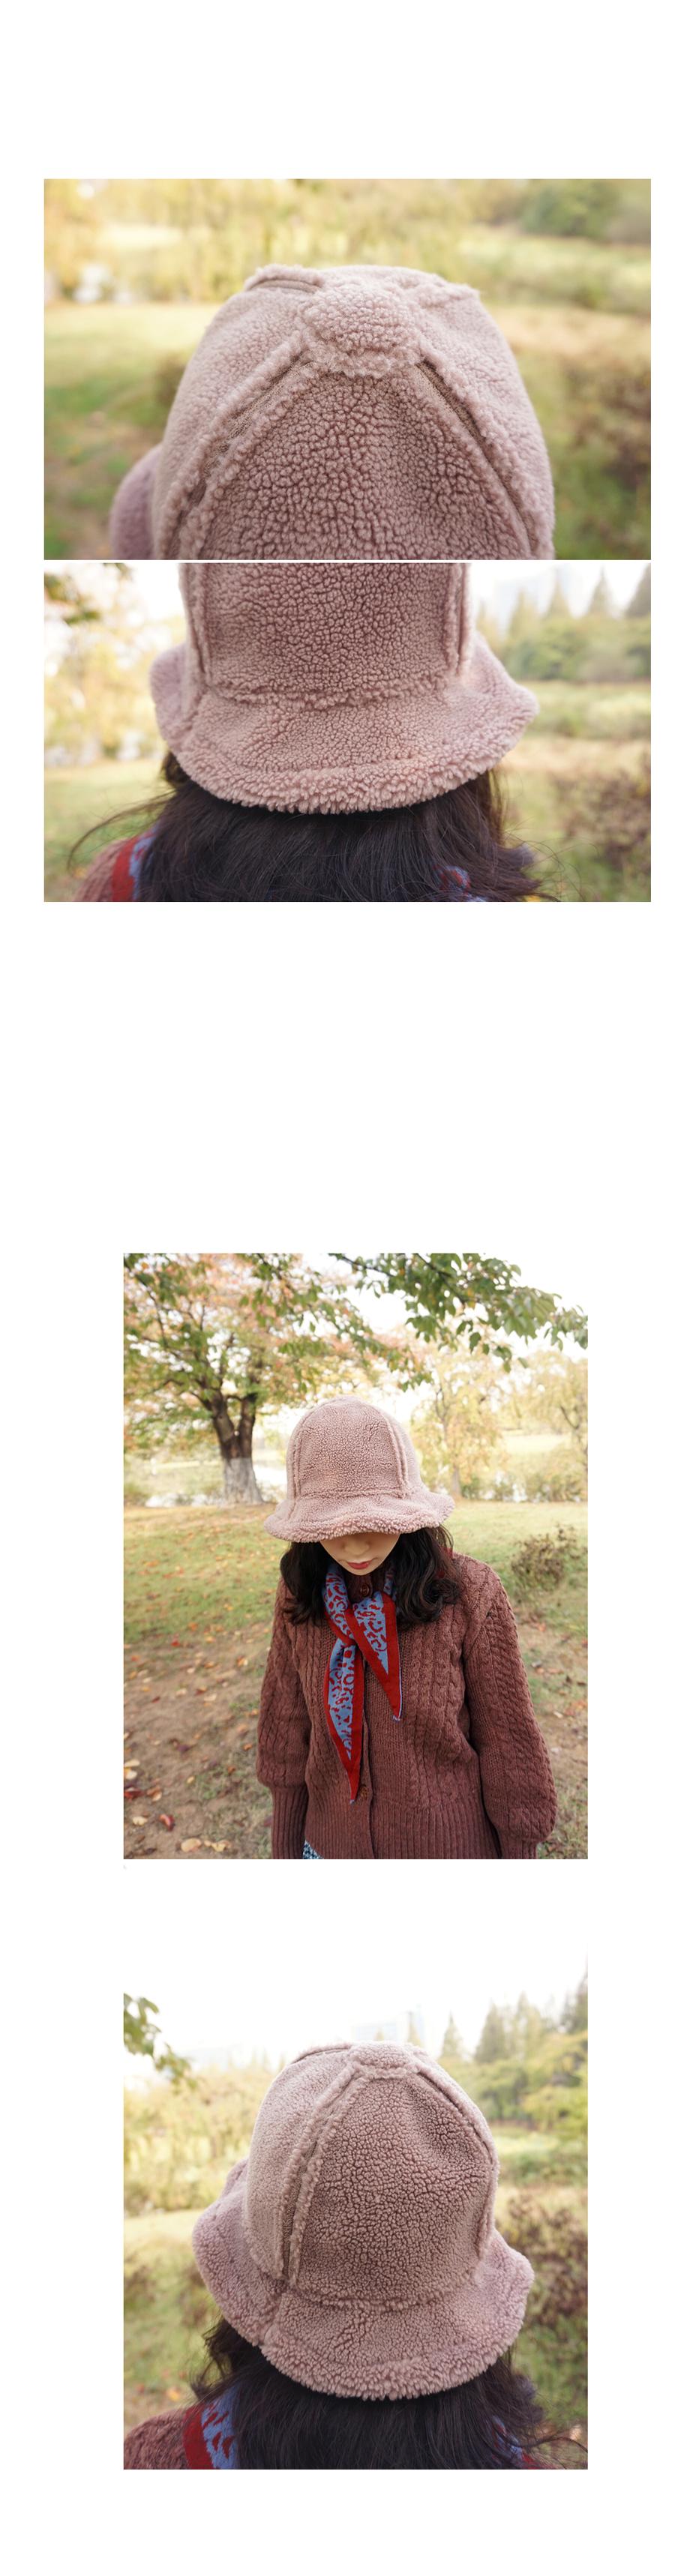 따스한 양면 무스탕퍼 벙거지 버킷햇 - 앞머리, 23,500원, 모자, 비니/털모자